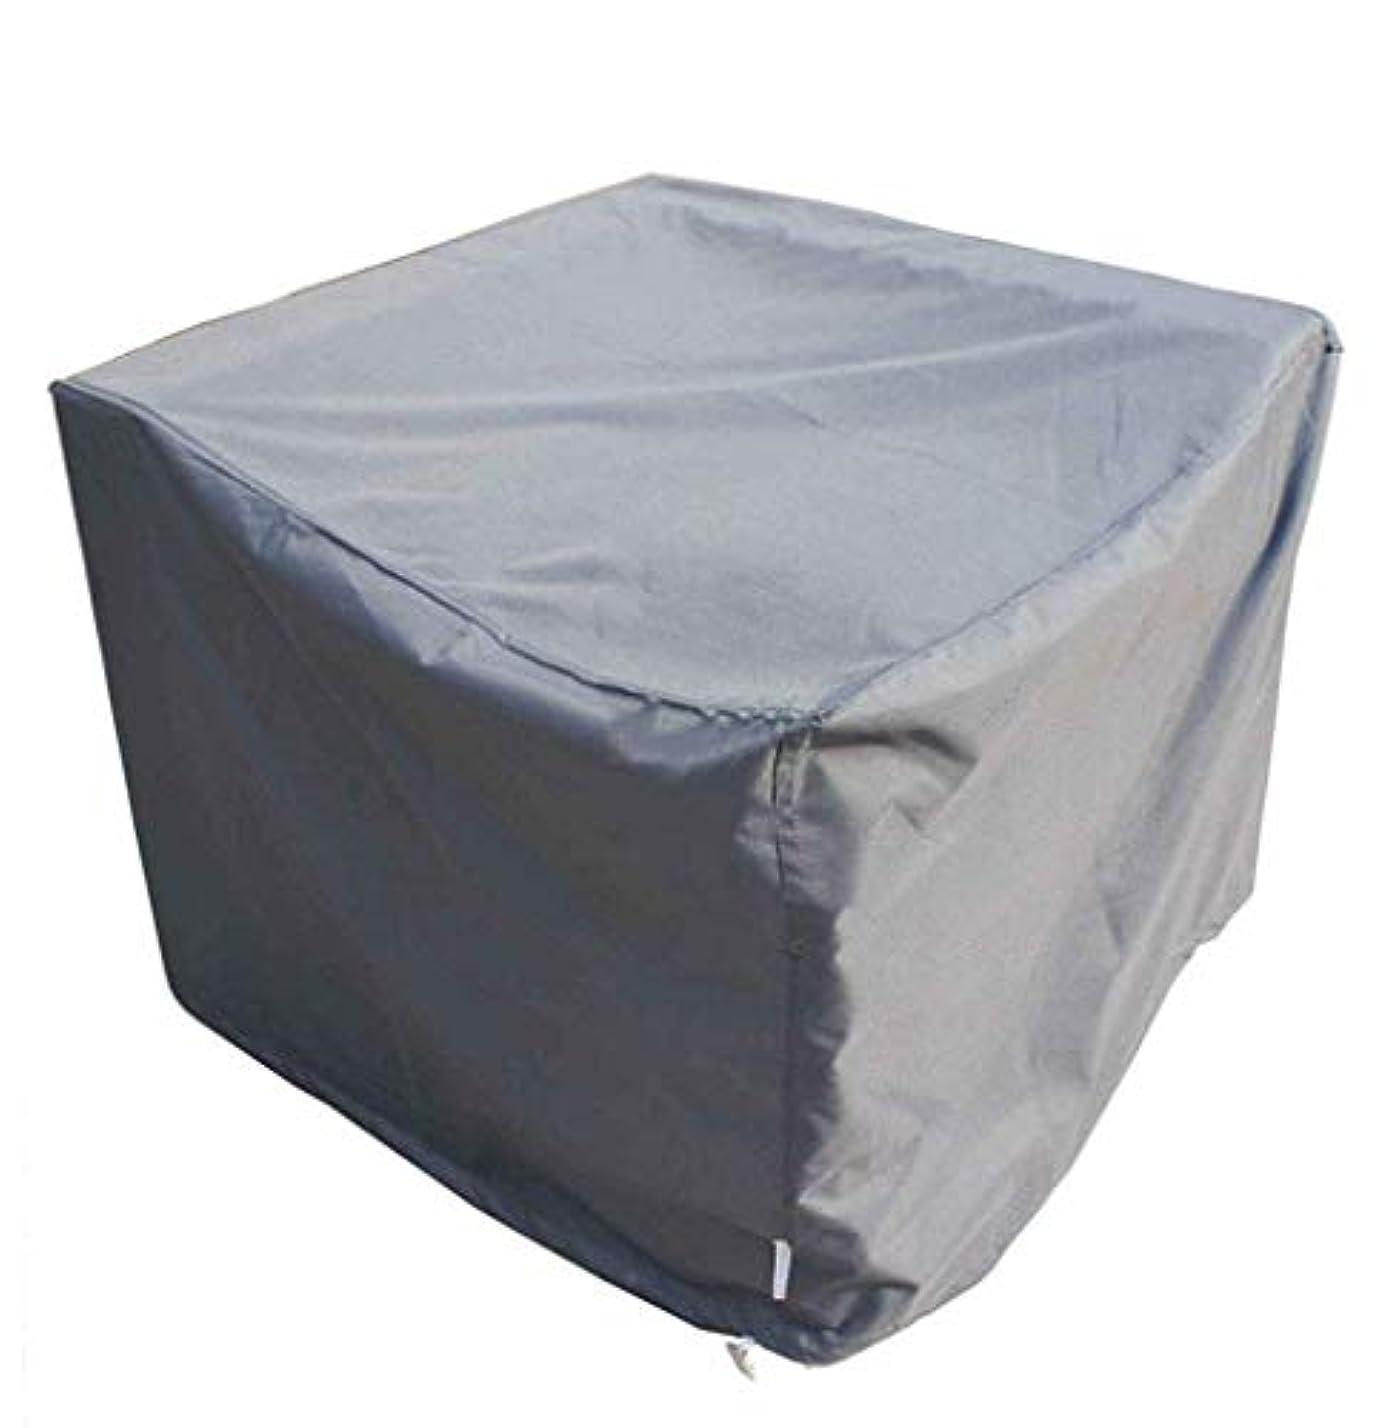 黙認するありがたい代表してYushengxiang 屋外テント屋外ナイトダストカバーソファレインカバー機機器保護カバー (Color : Grey, サイズ : 100 x 100 x 73cm)